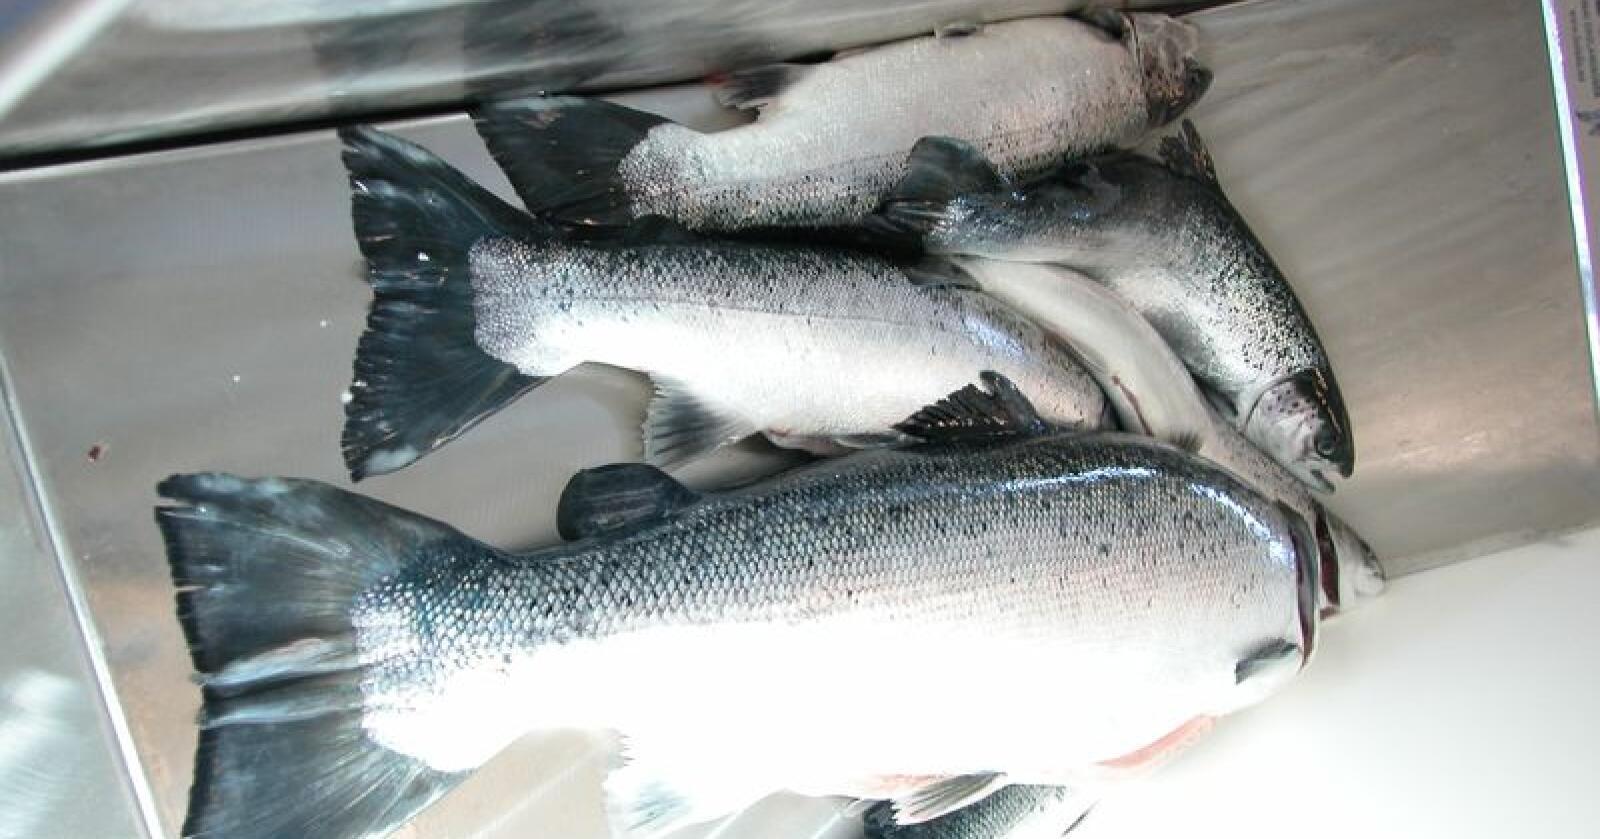 Fiskeriminister Harald Tom Nesvik (Frp) vil invitere aktørene til et møte så snart de har fått «hodet over vannet». Han vil ikke svare på om det er aktuelt å gi økonomisk drahjelp. (Illustrasjonsfoto)